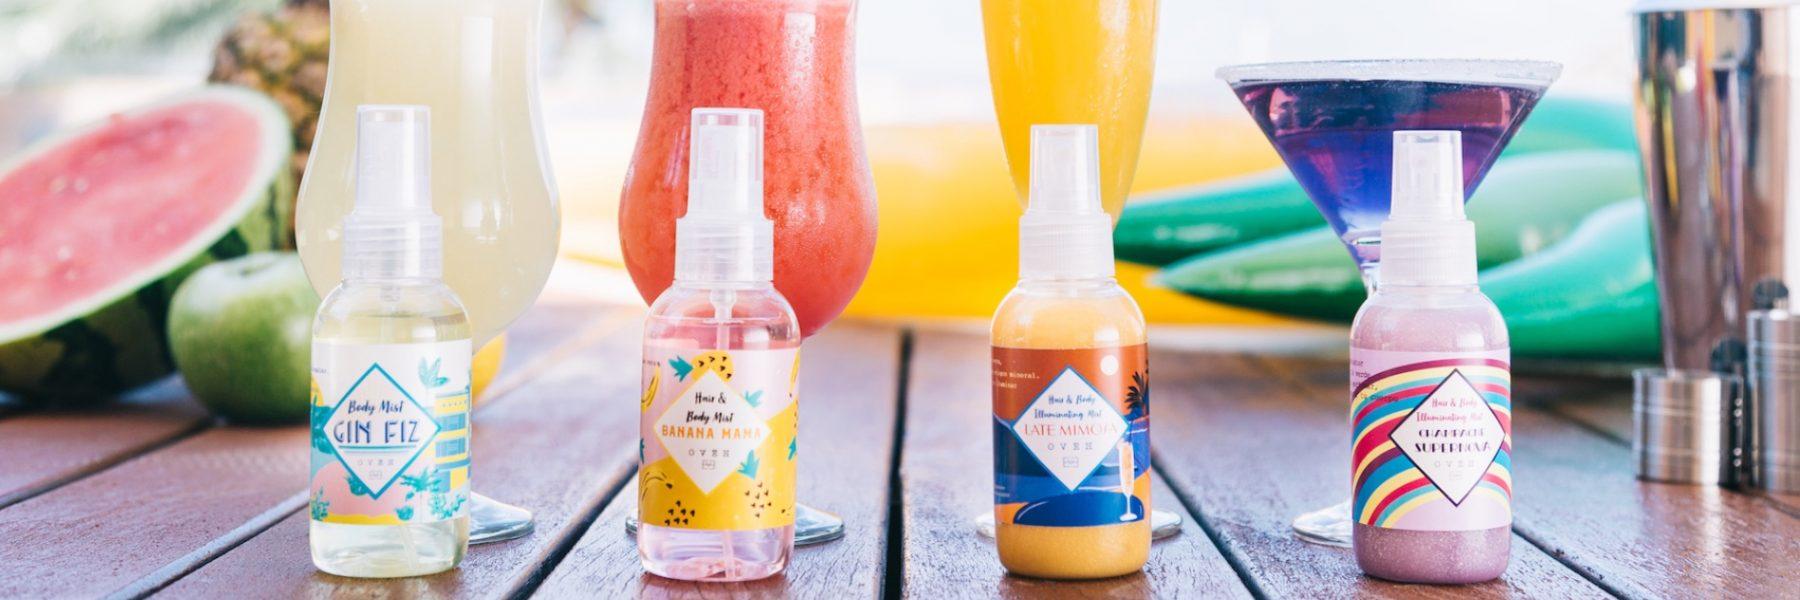 Oveh, la marca que está revolucionando el mundo de los perfumes, lanza brumas faciales y corporales para este verano